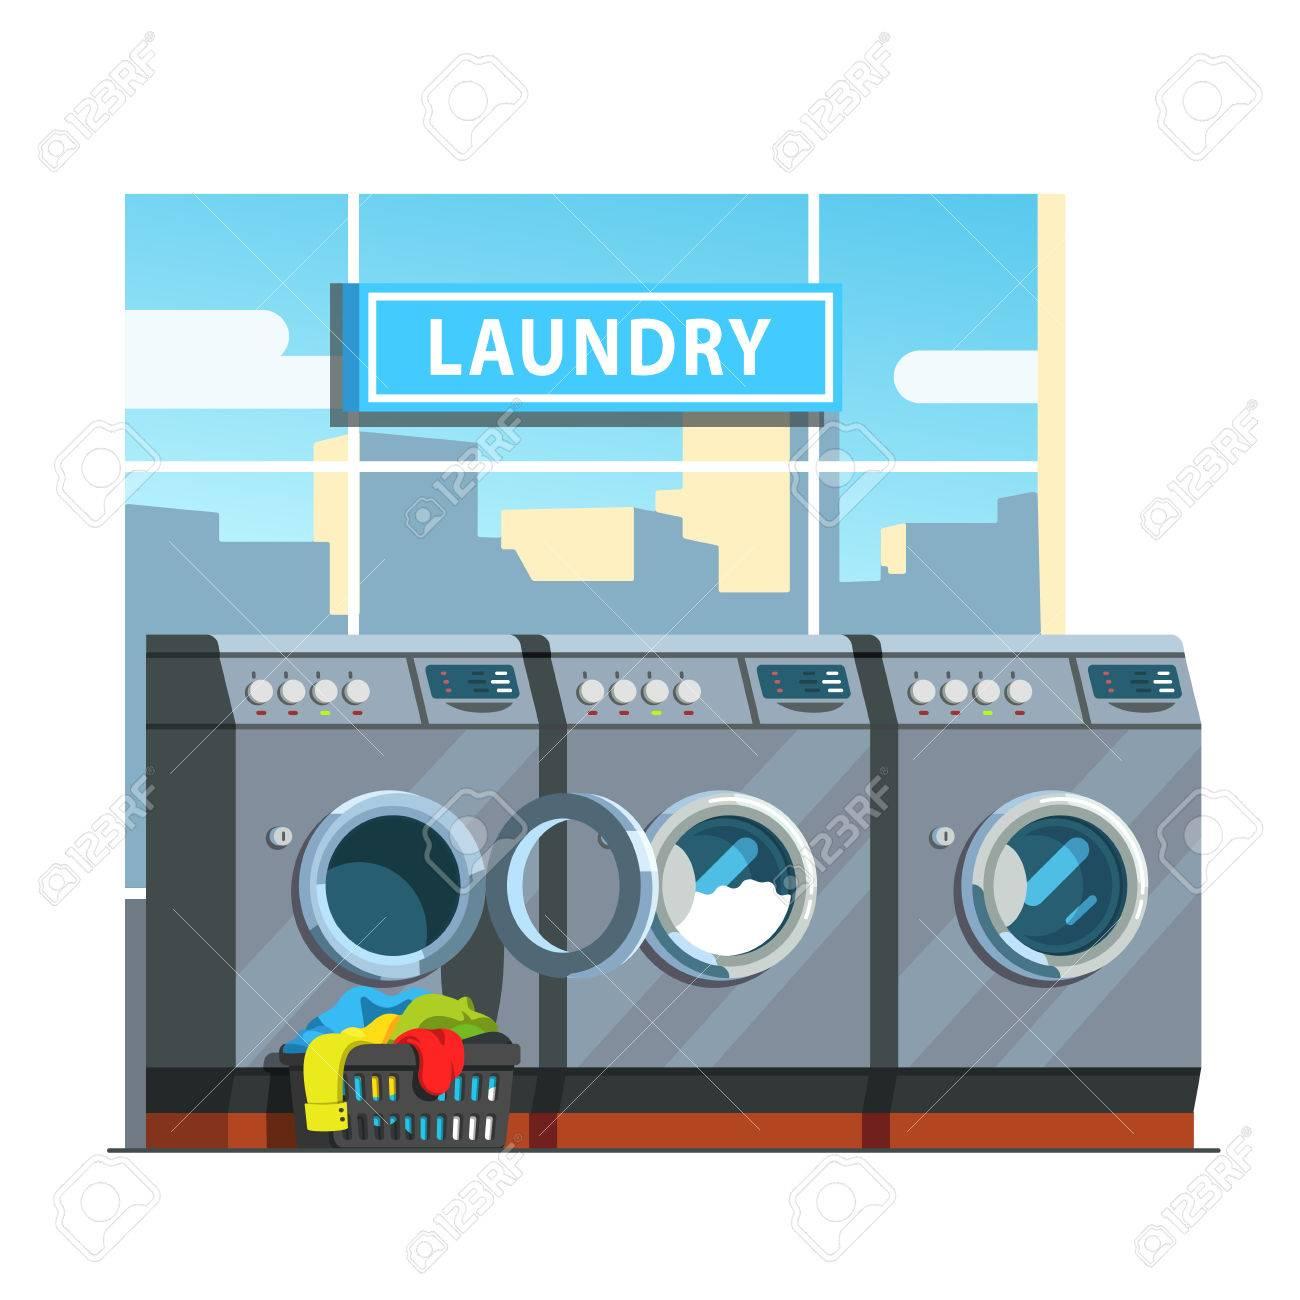 Public laundromat line of washing machines. Laundry basket with...